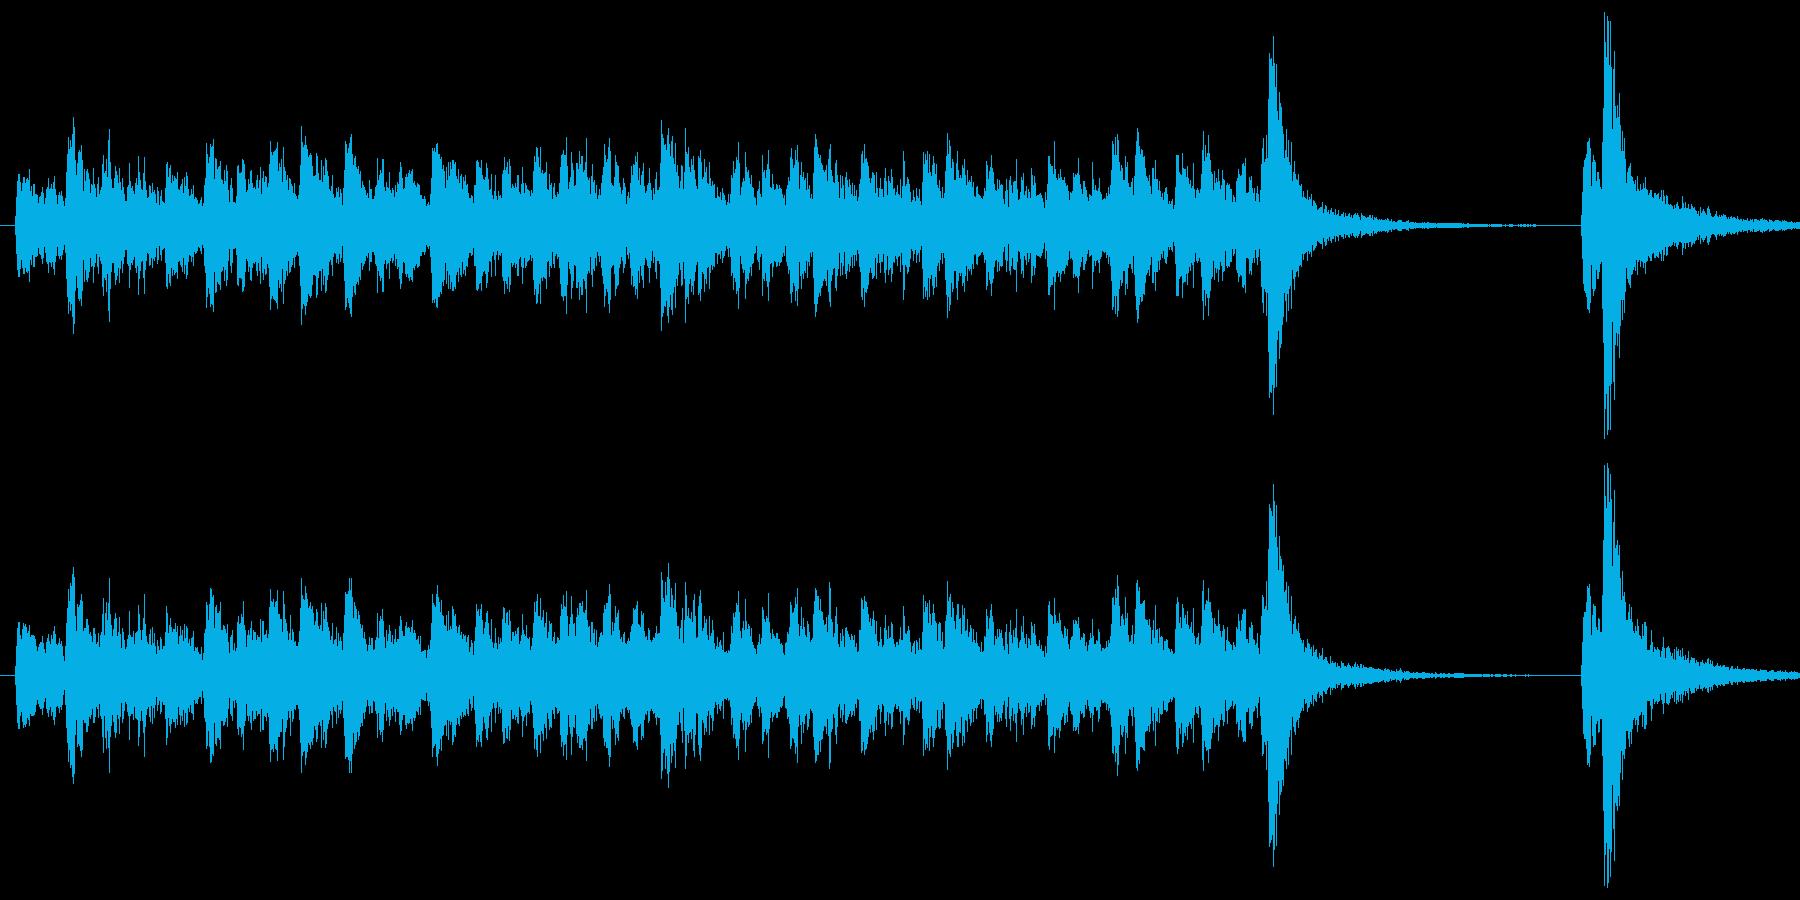 ダラララララ、ダン!というドラムロール…の再生済みの波形